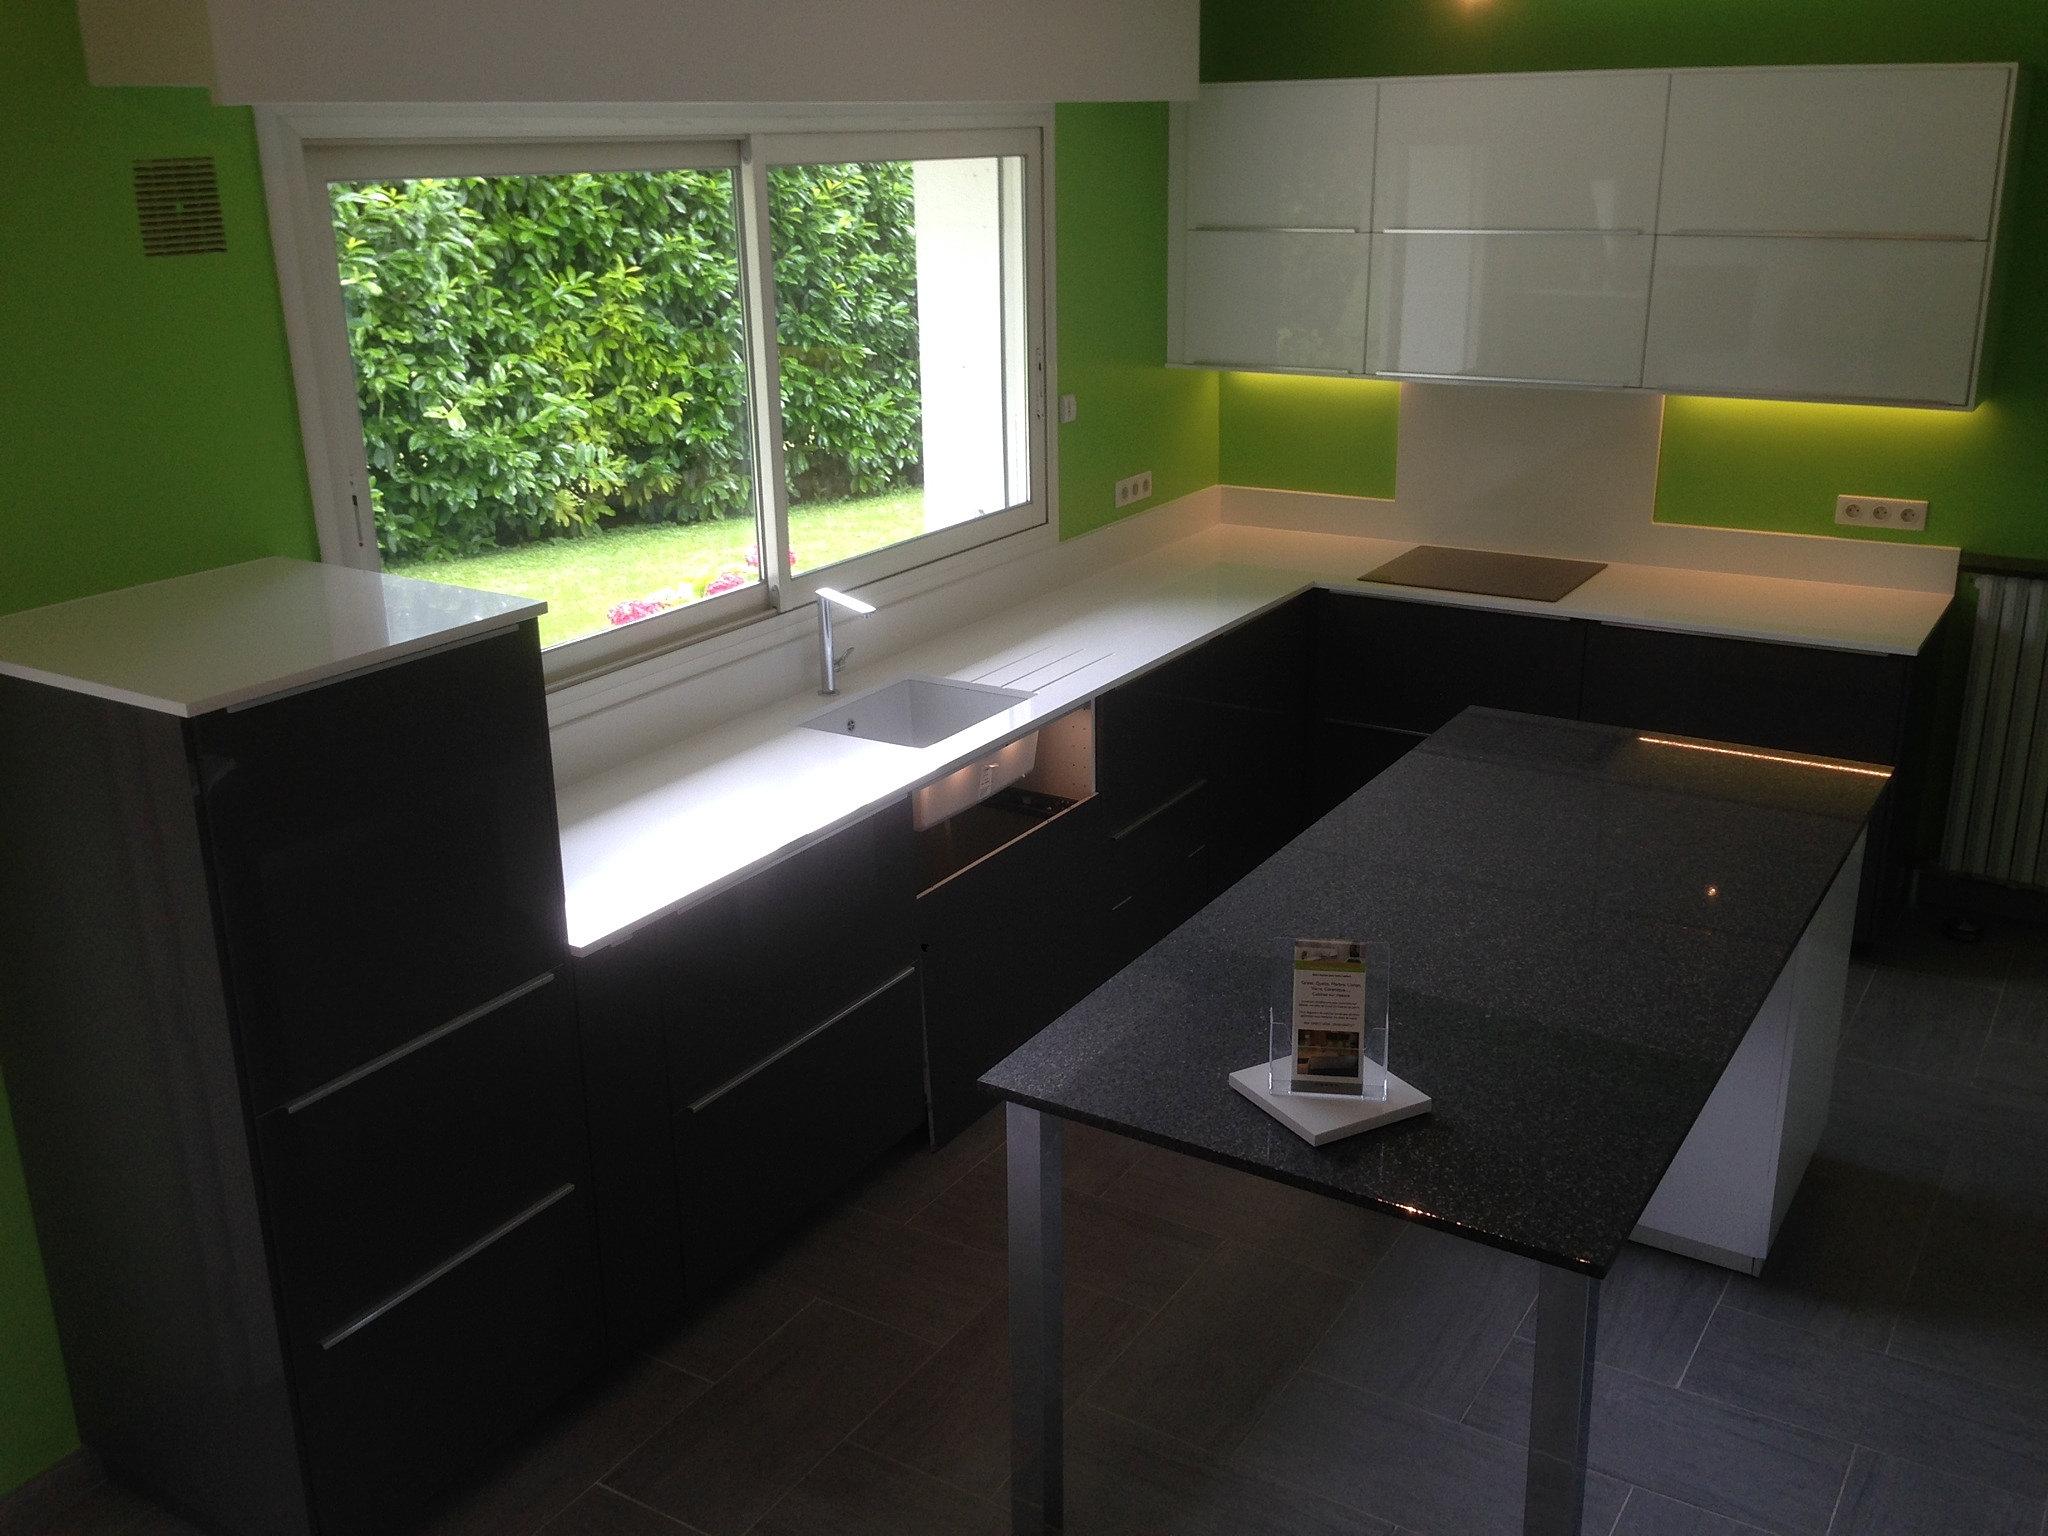 plan de travail granit quartz table en mabre paris essonne table en quartz sur mesure. Black Bedroom Furniture Sets. Home Design Ideas